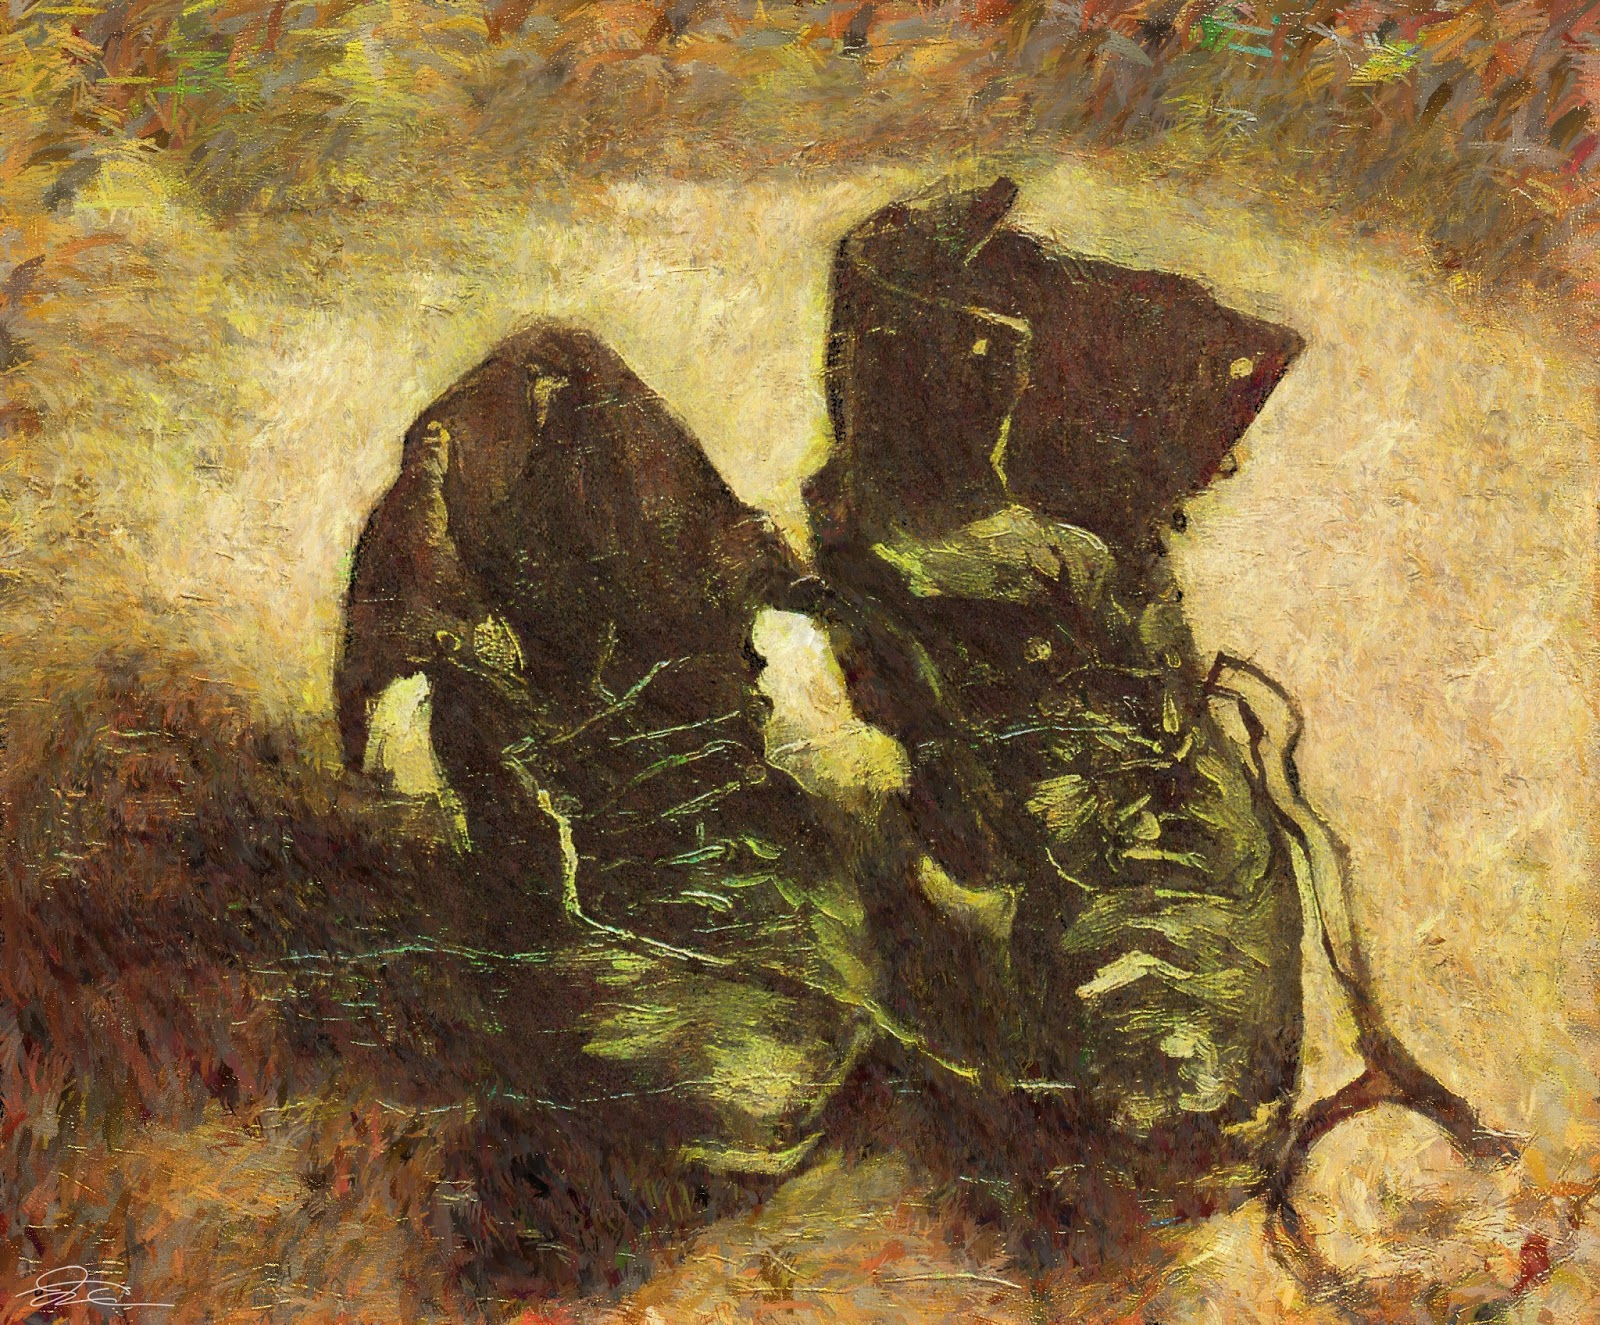 kholding amkodor i minselkhoz krasnodarskogo kraya